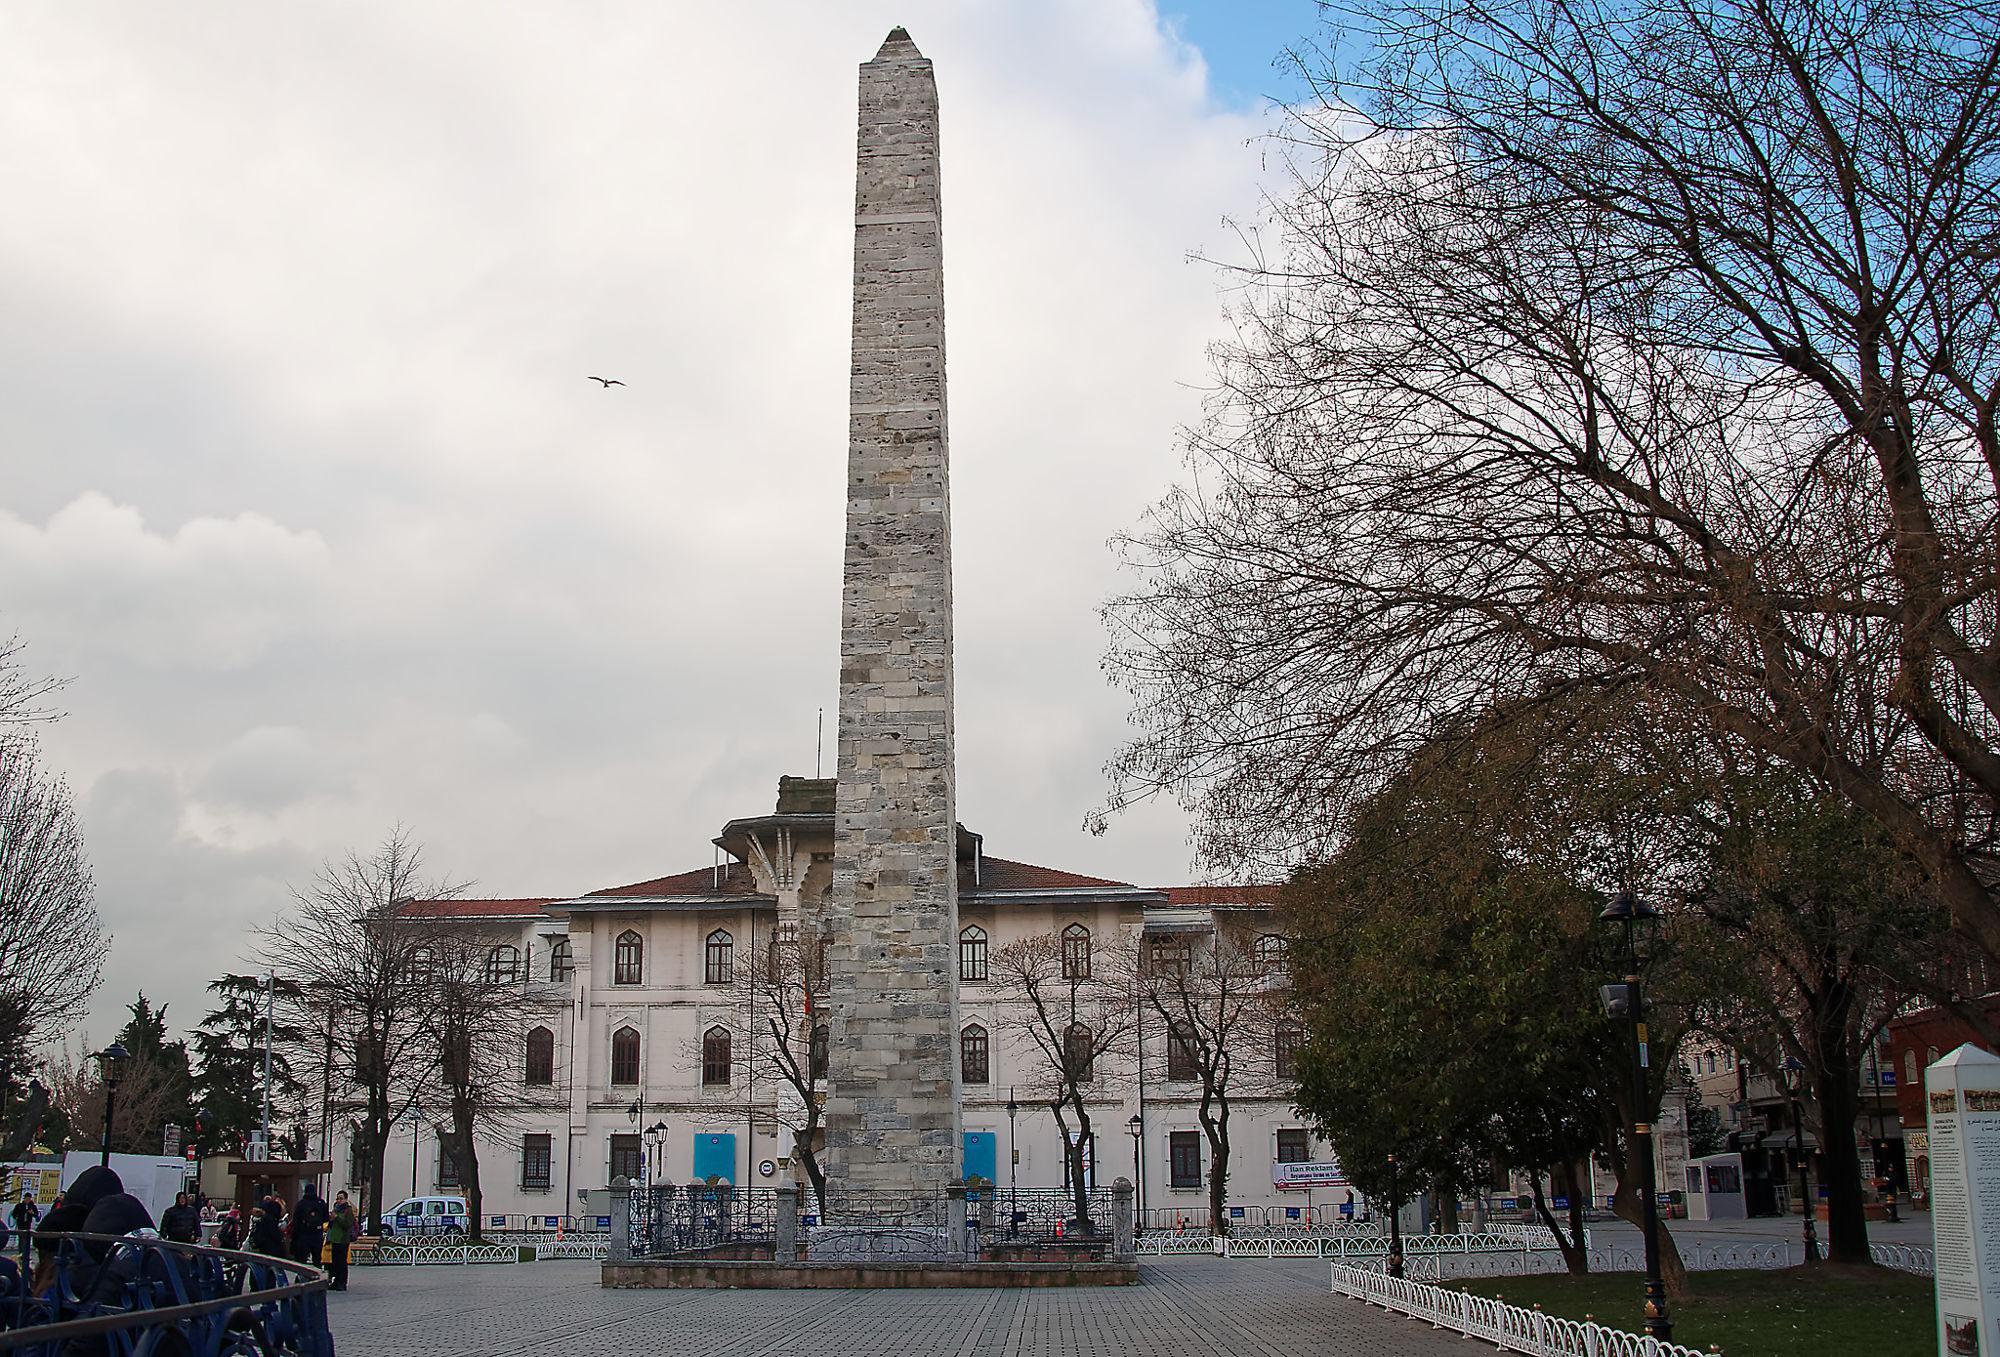 Фото обелиска Константина